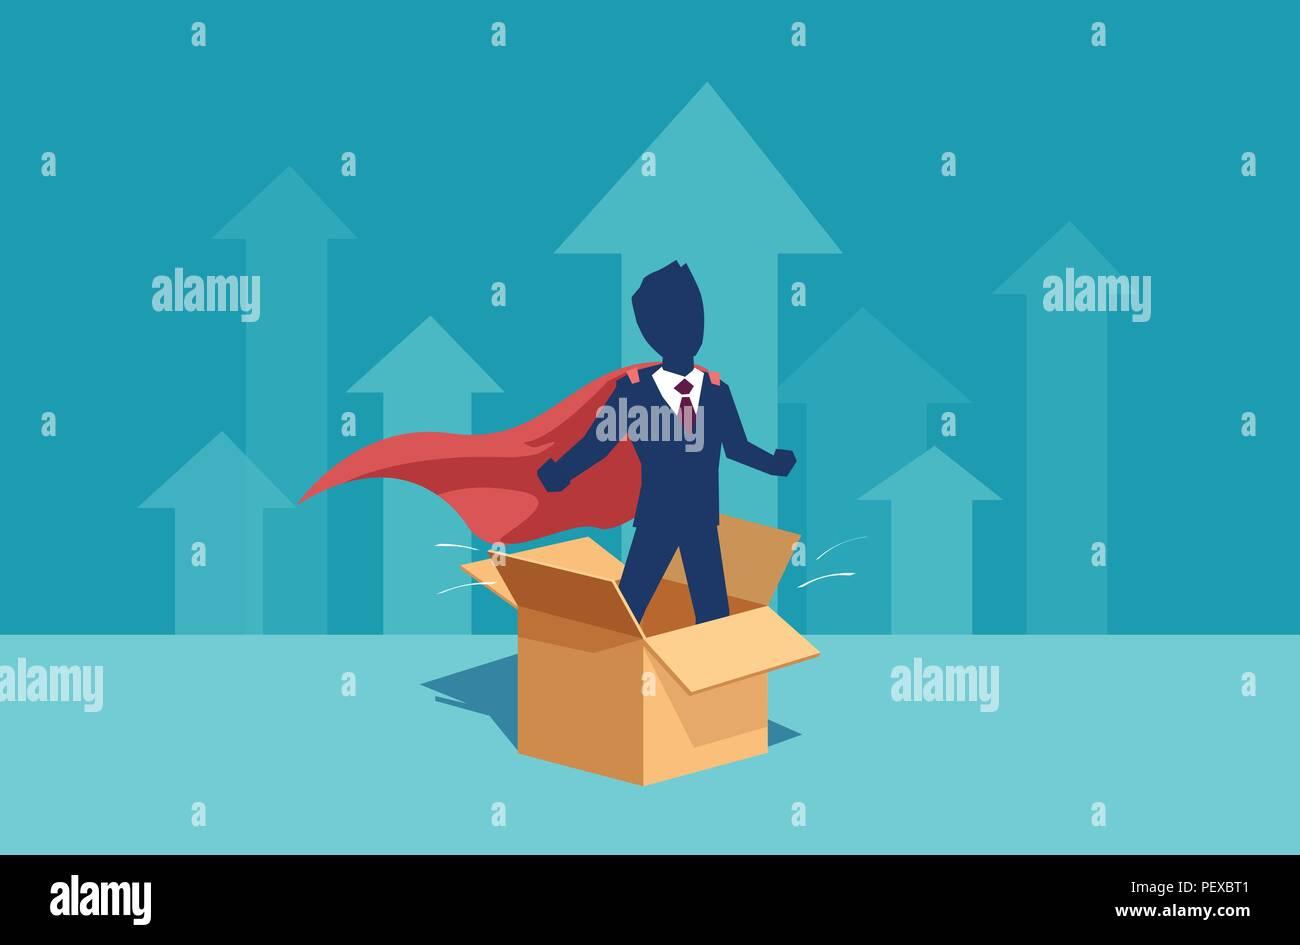 Vecteur d'un homme d'affaires du personnel de l'entreprise comme un super-héros hors des sentiers battus a des idées pour la carrière personnelle et à la croissance de l'entreprise Illustration de Vecteur